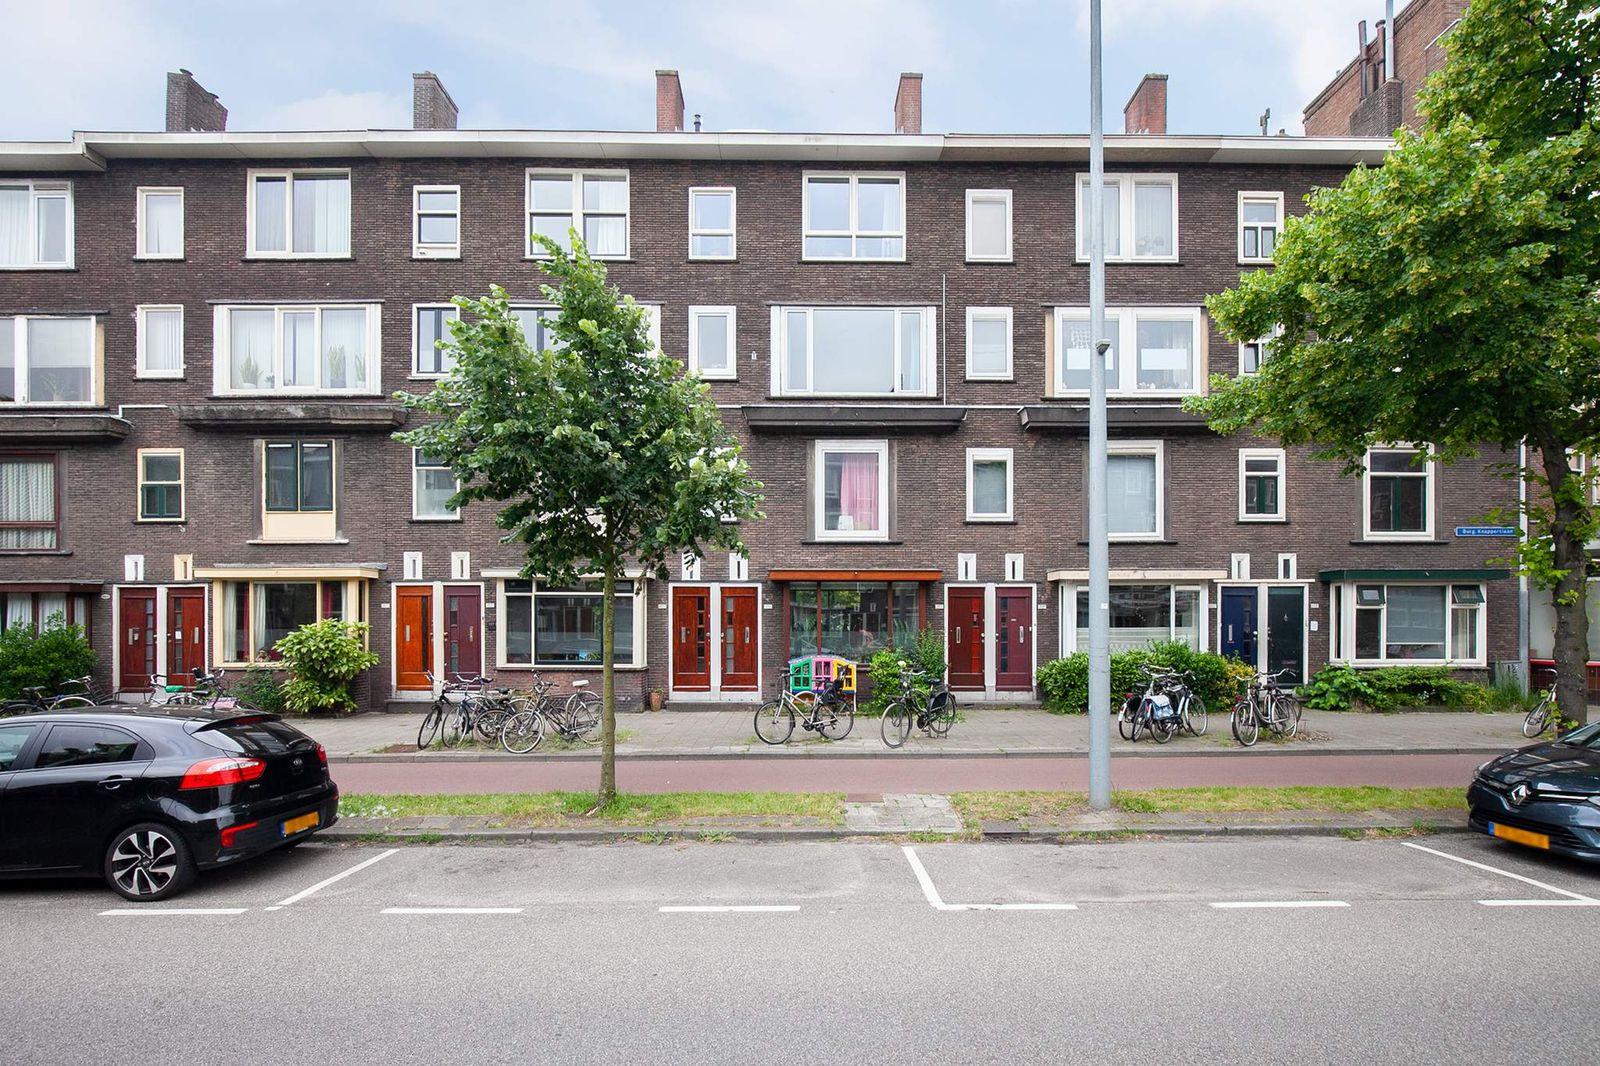 Burgemeester Knappertlaan 199A, Schiedam